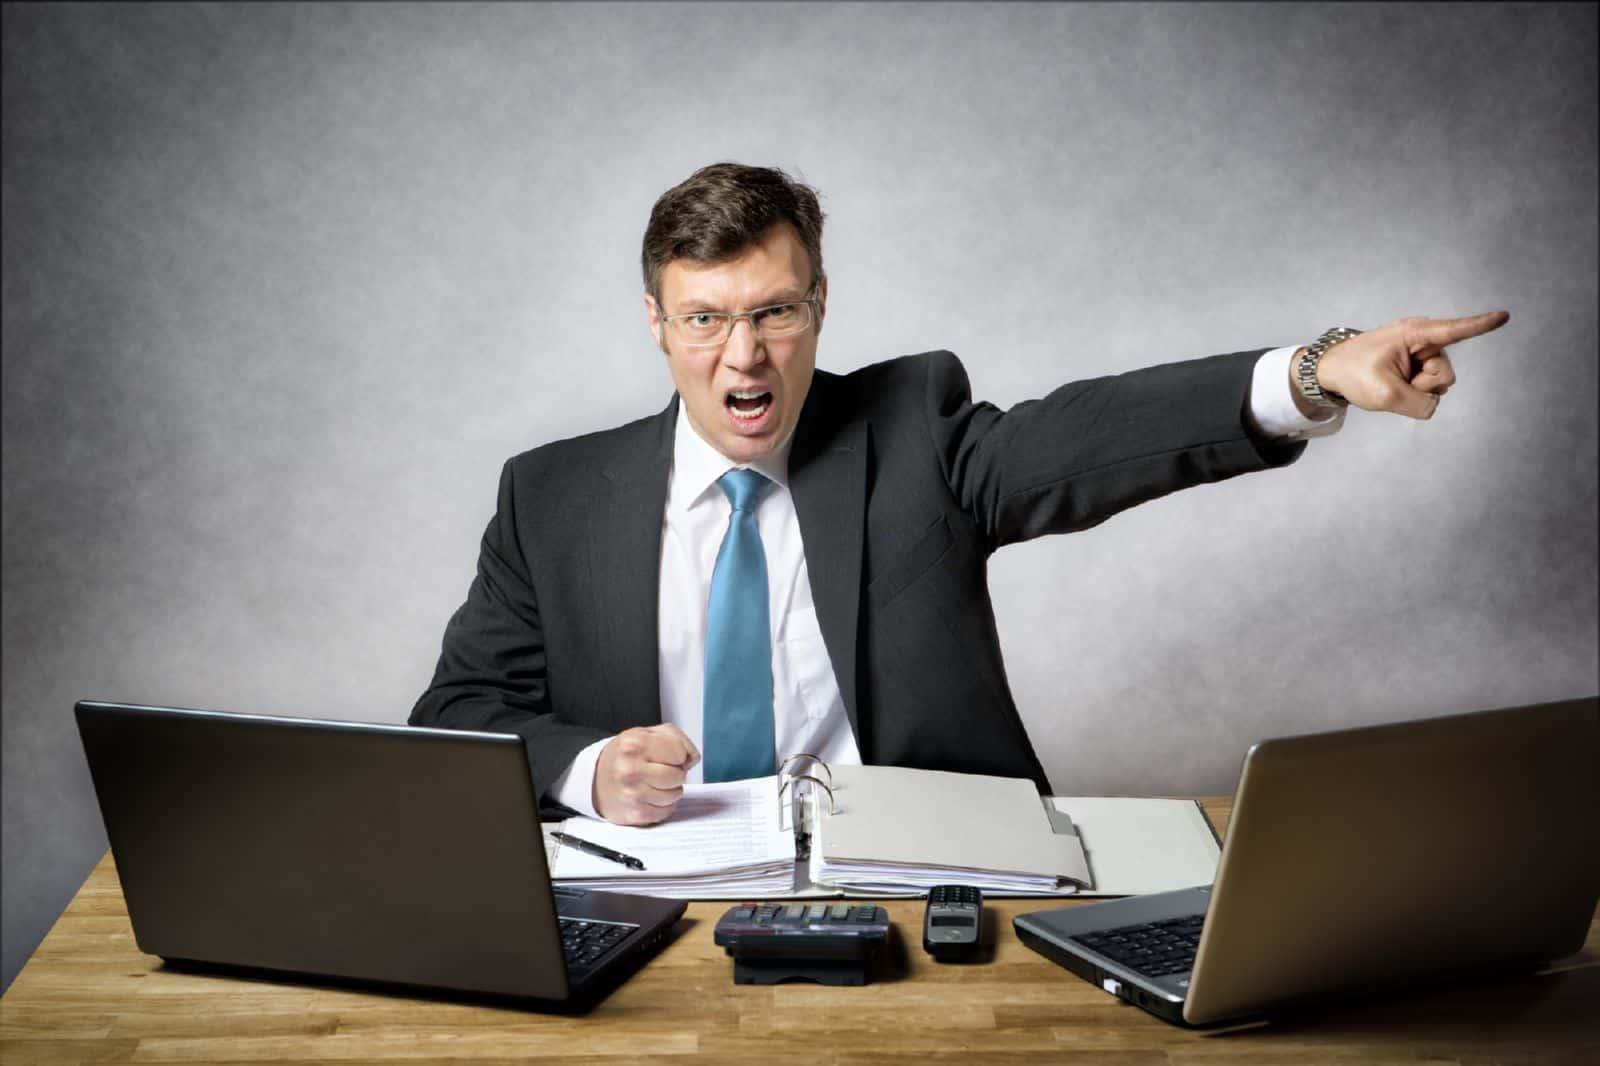 Как уволить по статье работника и не попасть под суд?